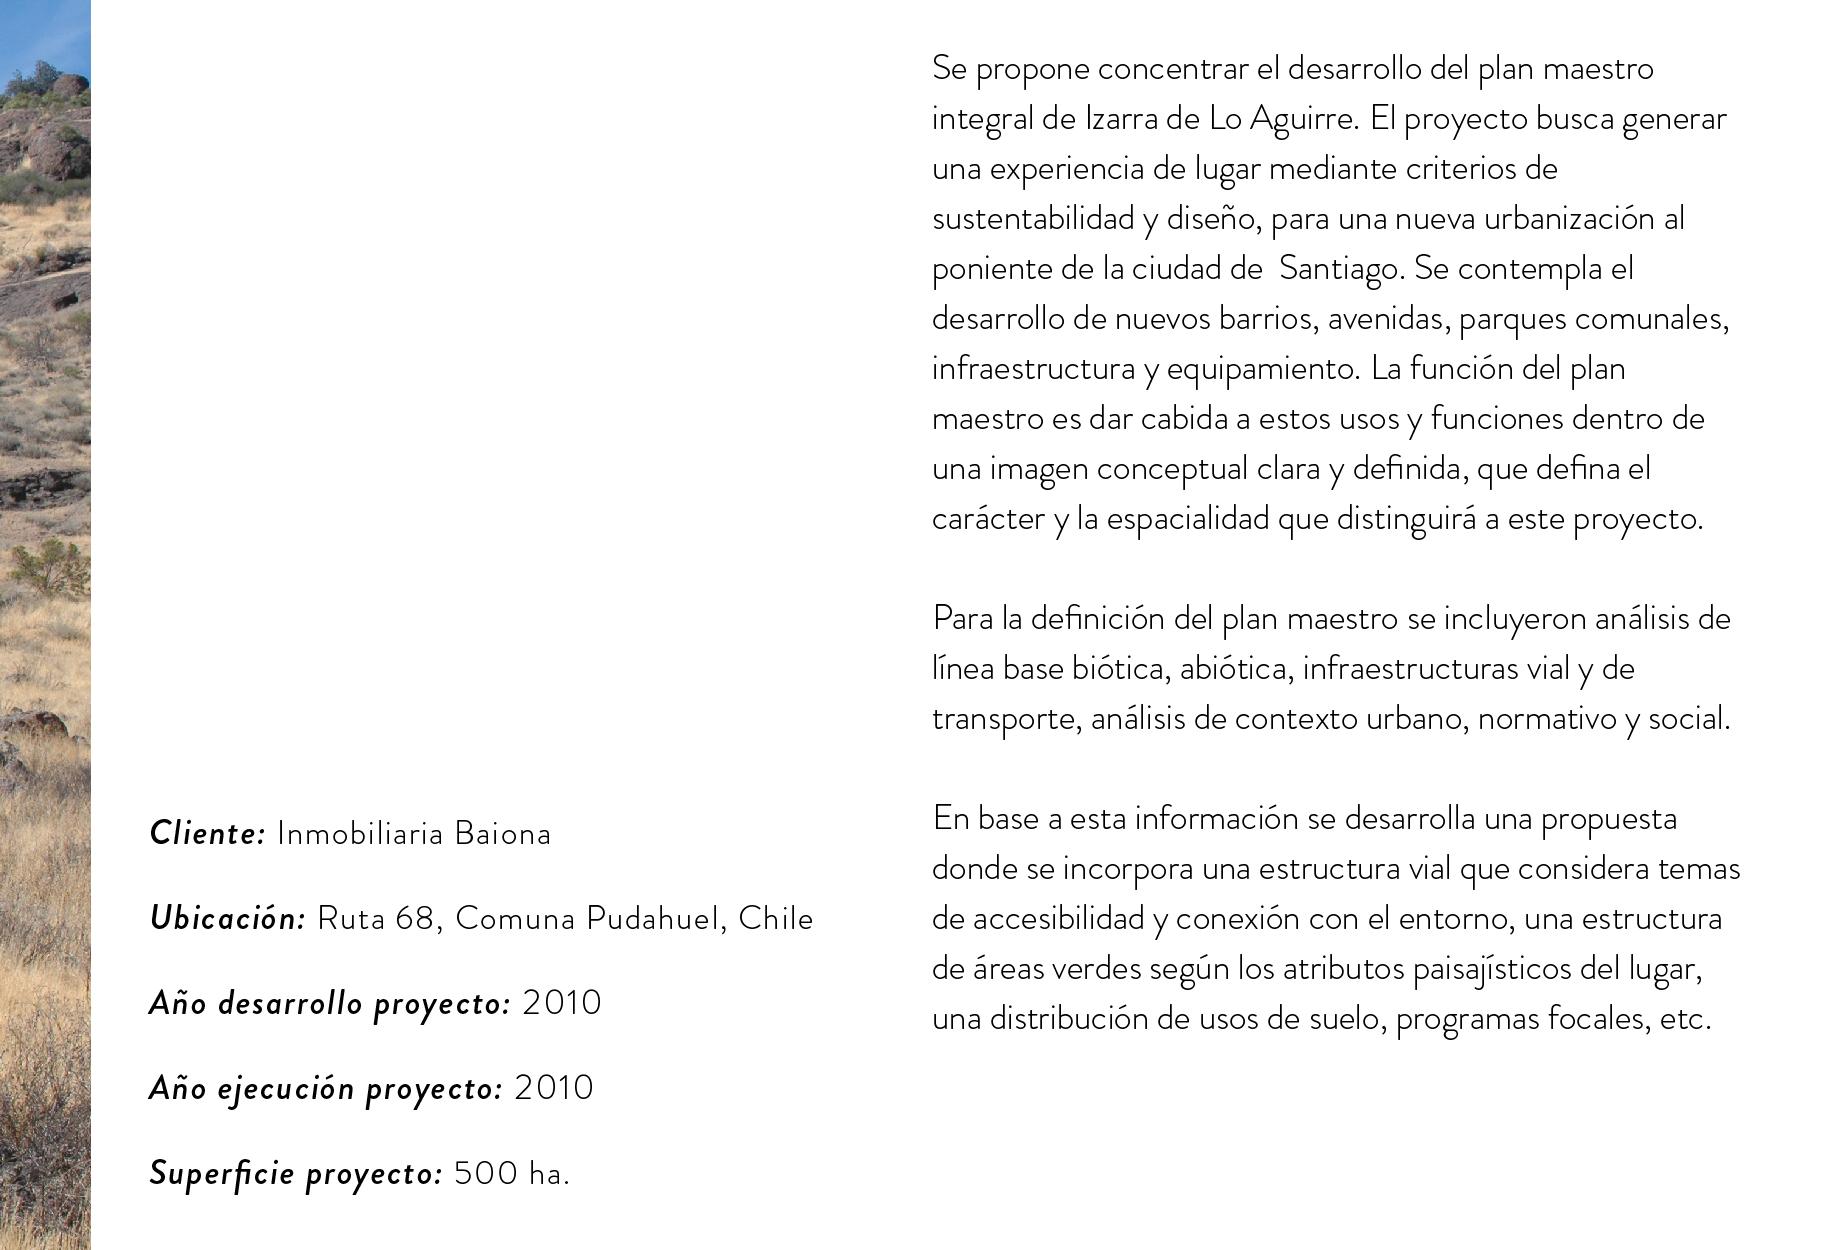 Formato Panoramico IZARRA DE LO AGUIRRE-02.jpg